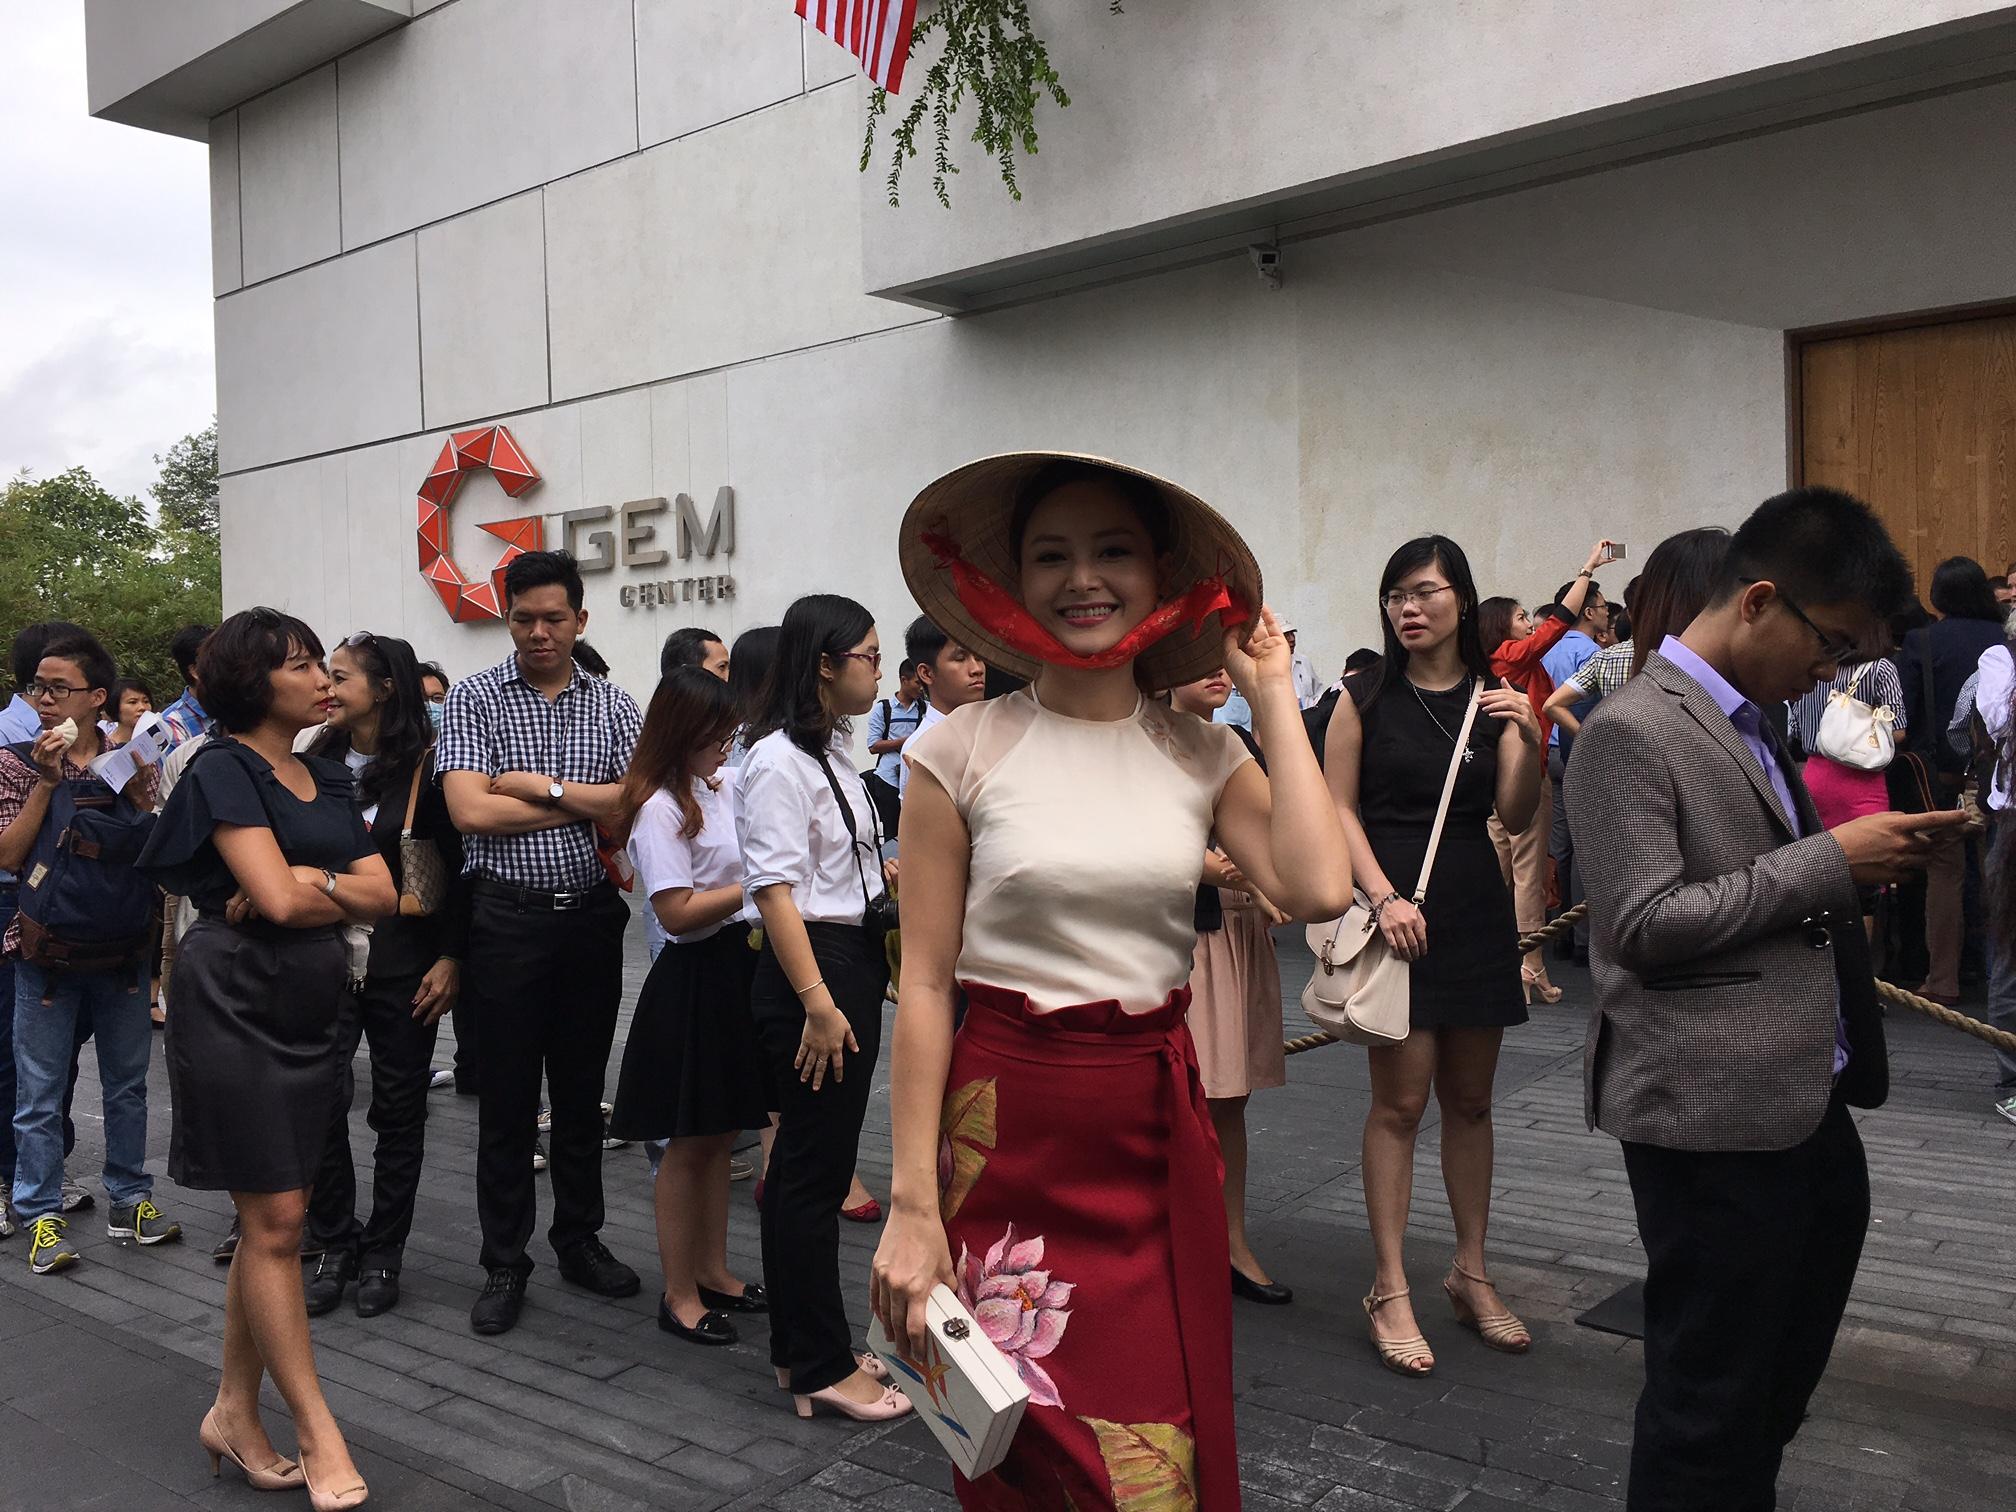 Lan Phương chọn trang phục có hoạ tiết dân gian hình hoa sen và áo yếm truyền thống cách điệu.